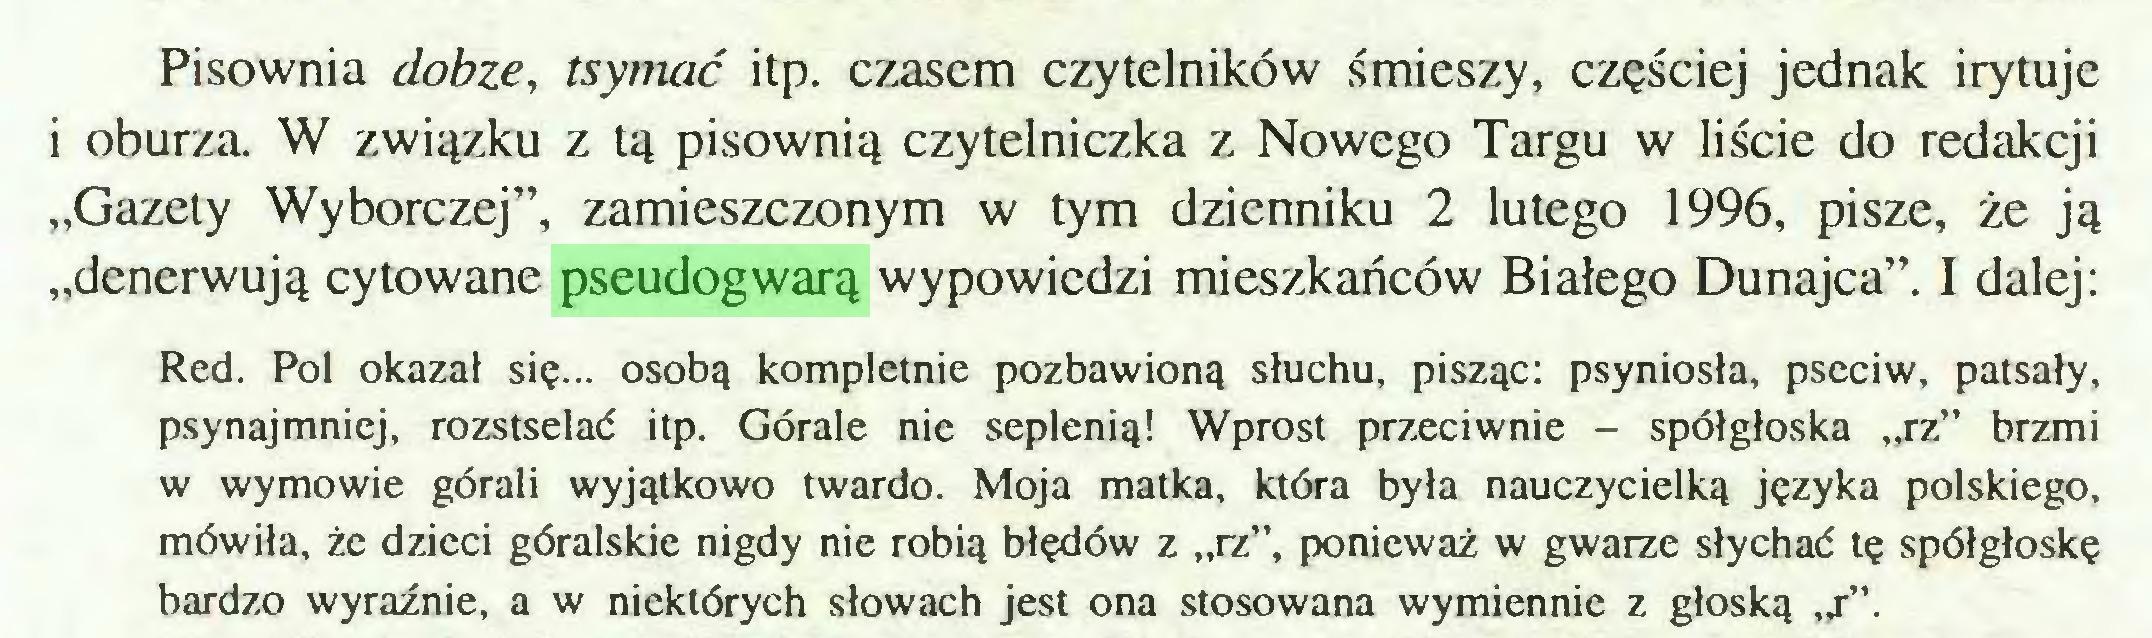 """(...) Pisownia dobze, tsymać itp. czasem czytelników śmieszy, częściej jednak irytuje i oburza. W związku z tą pisownią czytelniczka z Nowego Targu w liście do redakcji """"Gazety Wyborczej"""", zamieszczonym w tym dzienniku 2 lutego 1996, pisze, że ją """"denerwują cytowane pseudogwarą wypowiedzi mieszkańców Białego Dunajca"""". I dalej: Red. Pol okazał się... osobą kompletnie pozbawioną słuchu, pisząc: psyniosła, pseciw, patsały, psynajmniej, rozstselać itp. Górale nie seplenią! Wprost przeciwnie - spółgłoska """"rz"""" brzmi w wymowie górali wyjątkowo twardo. Moja matka, która była nauczycielką języka polskiego, mówiła, że dzieci góralskie nigdy nie robią błędów z """"rz"""", ponieważ w gwarze słychać tę spółgłoskę bardzo wyraźnie, a w niektórych słowach jest ona stosowana wymiennie z głoską """"r""""..."""